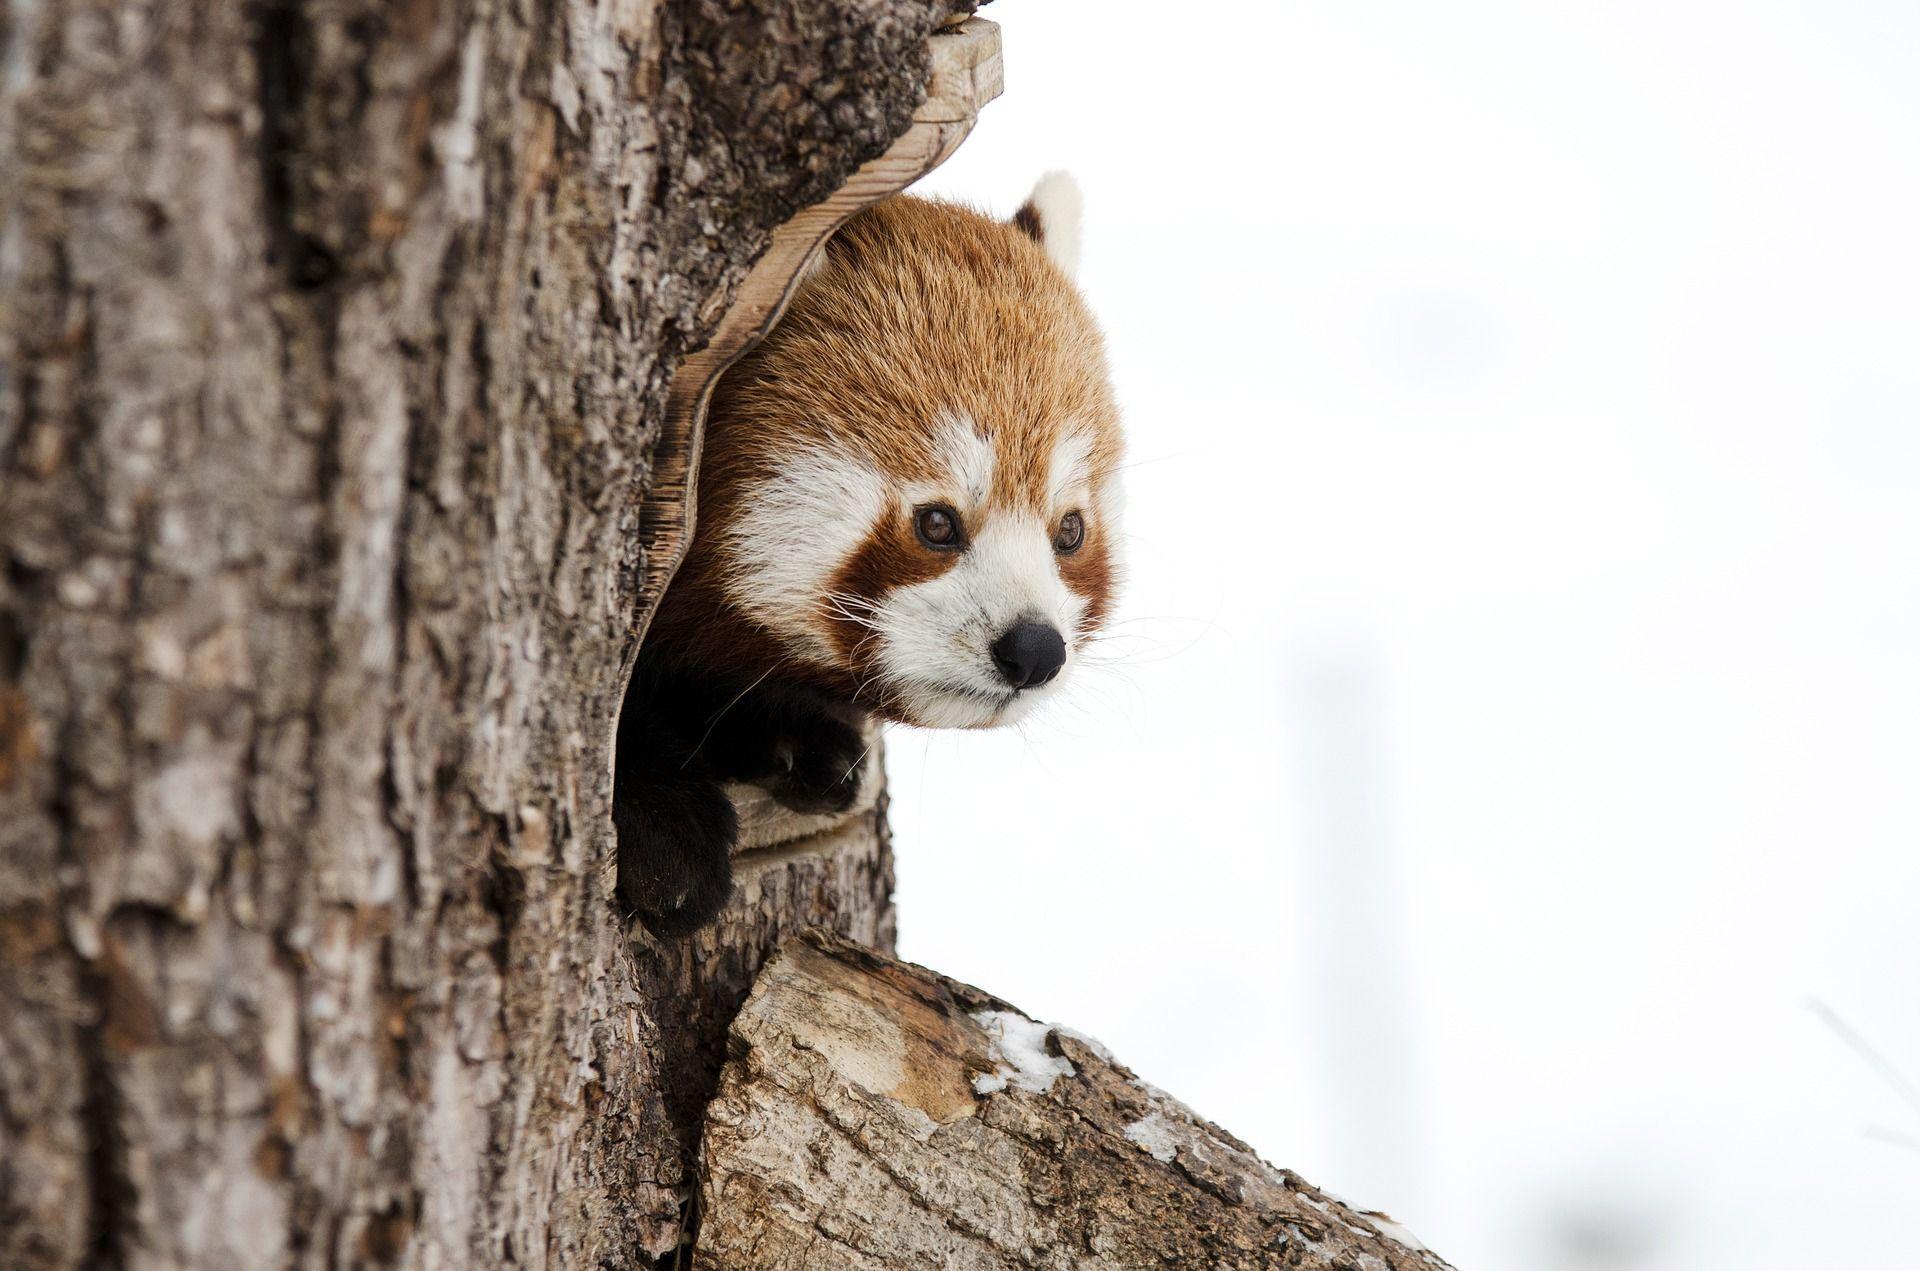 Is It Spring Yet Red Panda Animals Chinese Panda Wallpaper red panda trunk tree nature